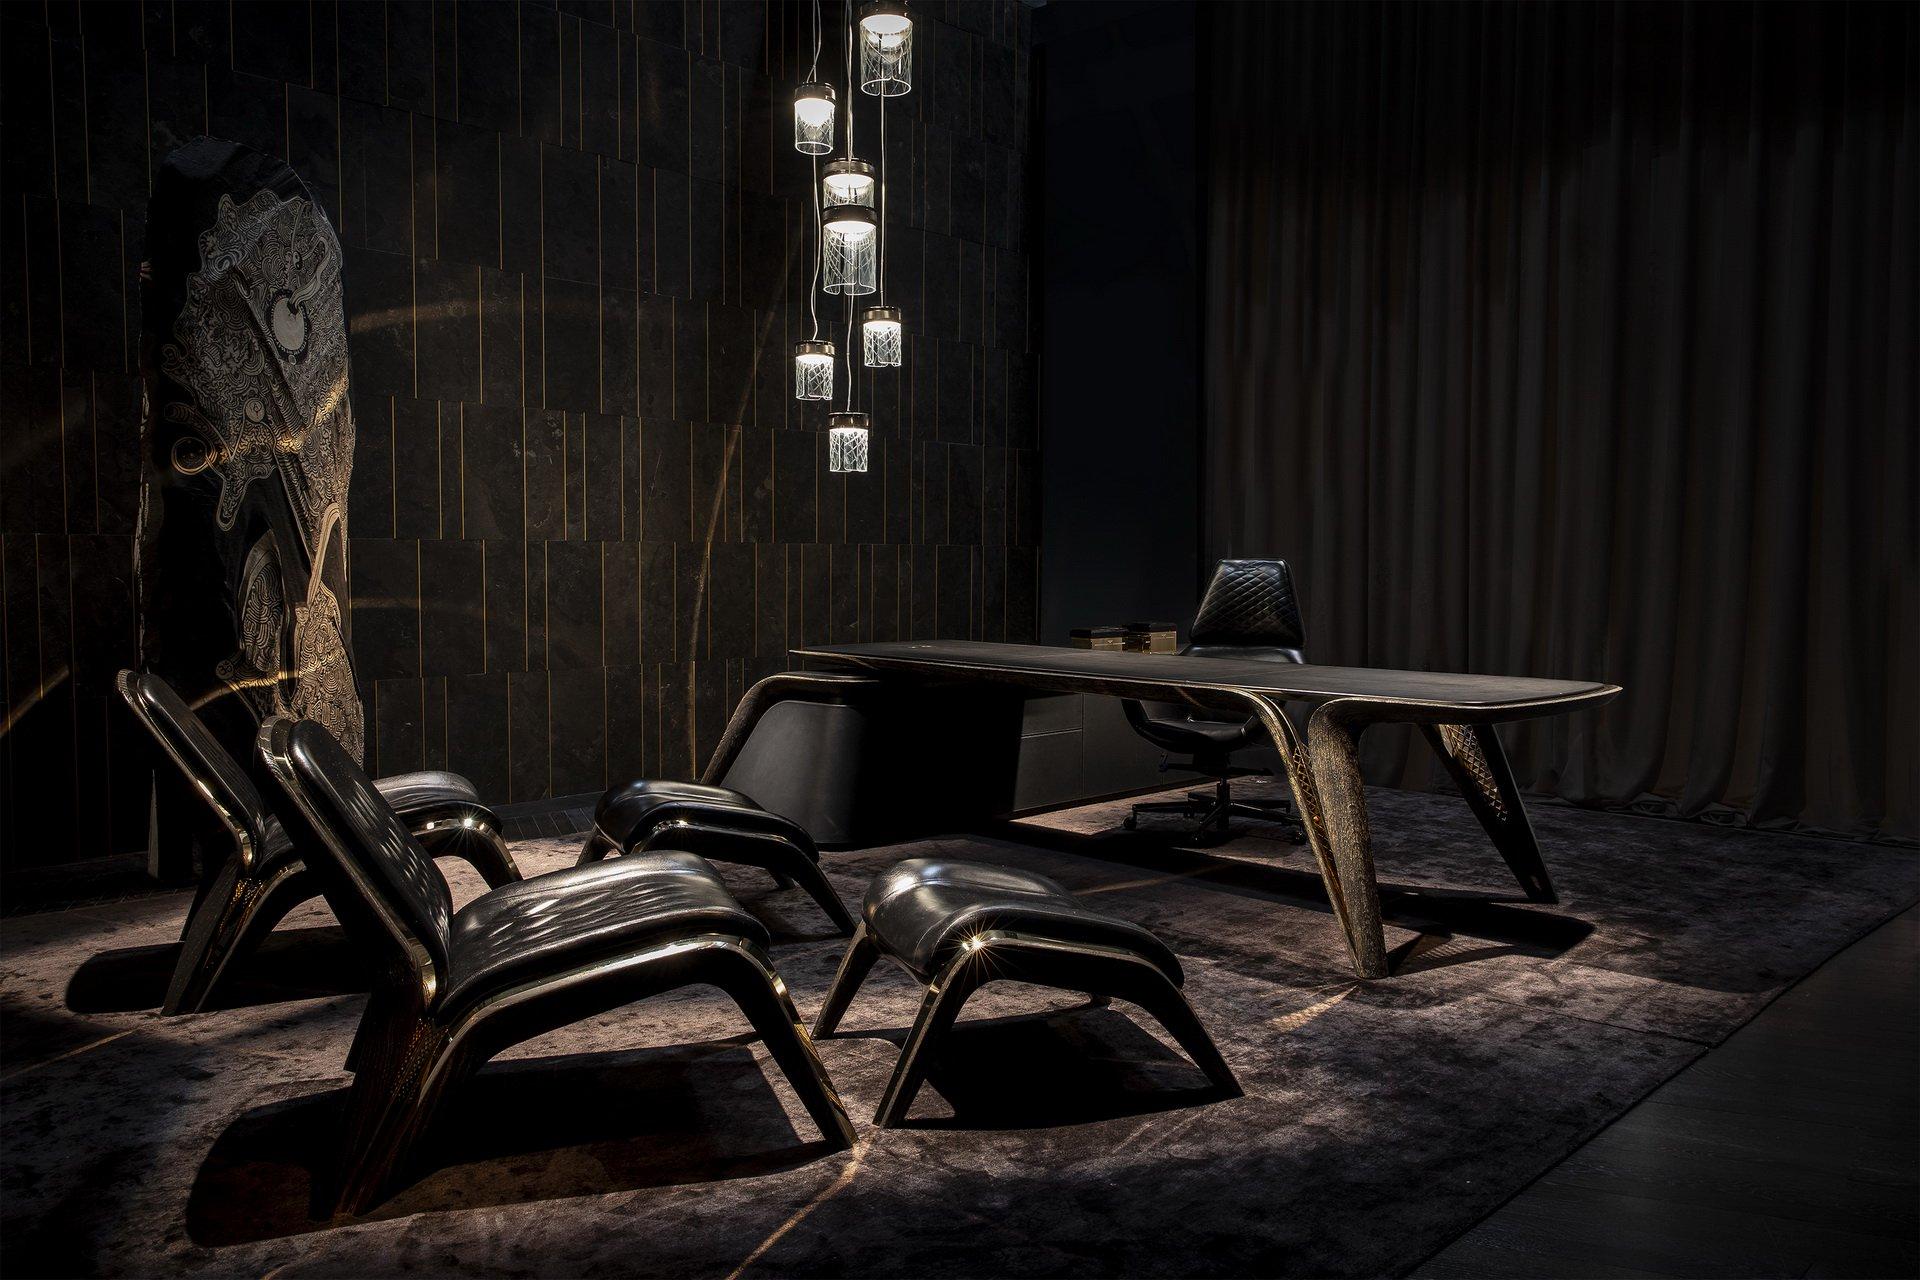 В рамках мебельного салона в Милане автопроизводитель «Бентли» презентовал эксклюзивную мебель, выпущенную в честь собственного юбилея